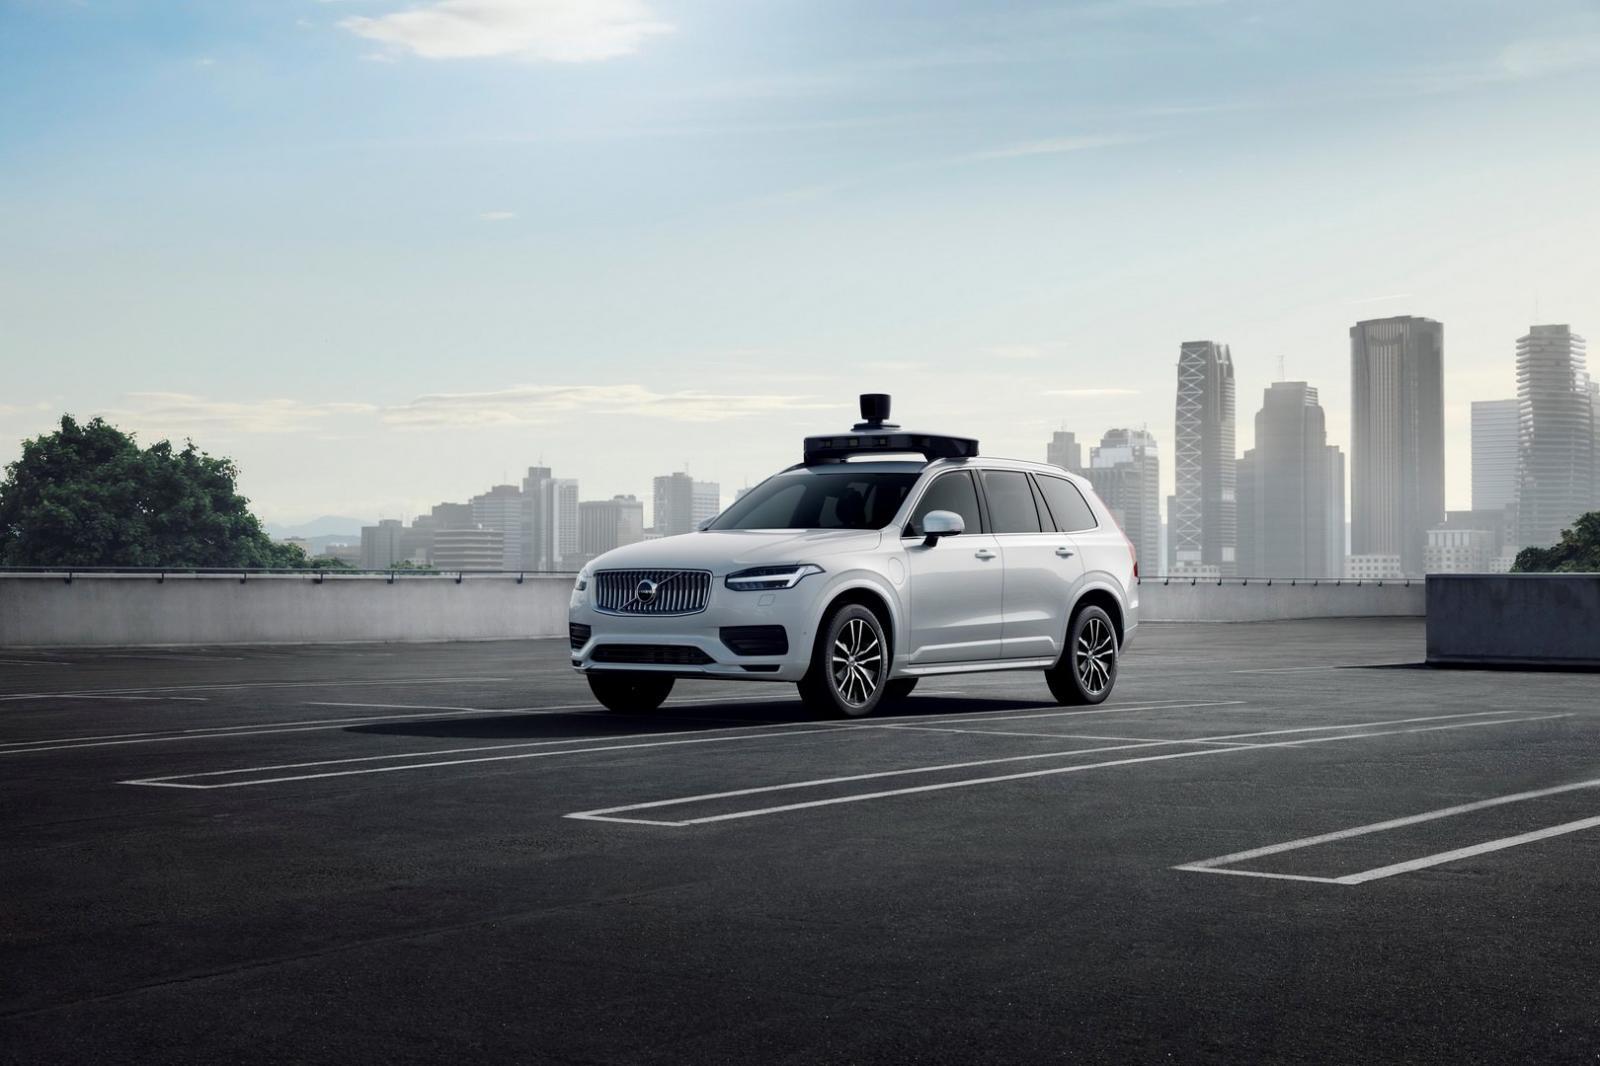 La conducción autónoma empieza a dar frutos